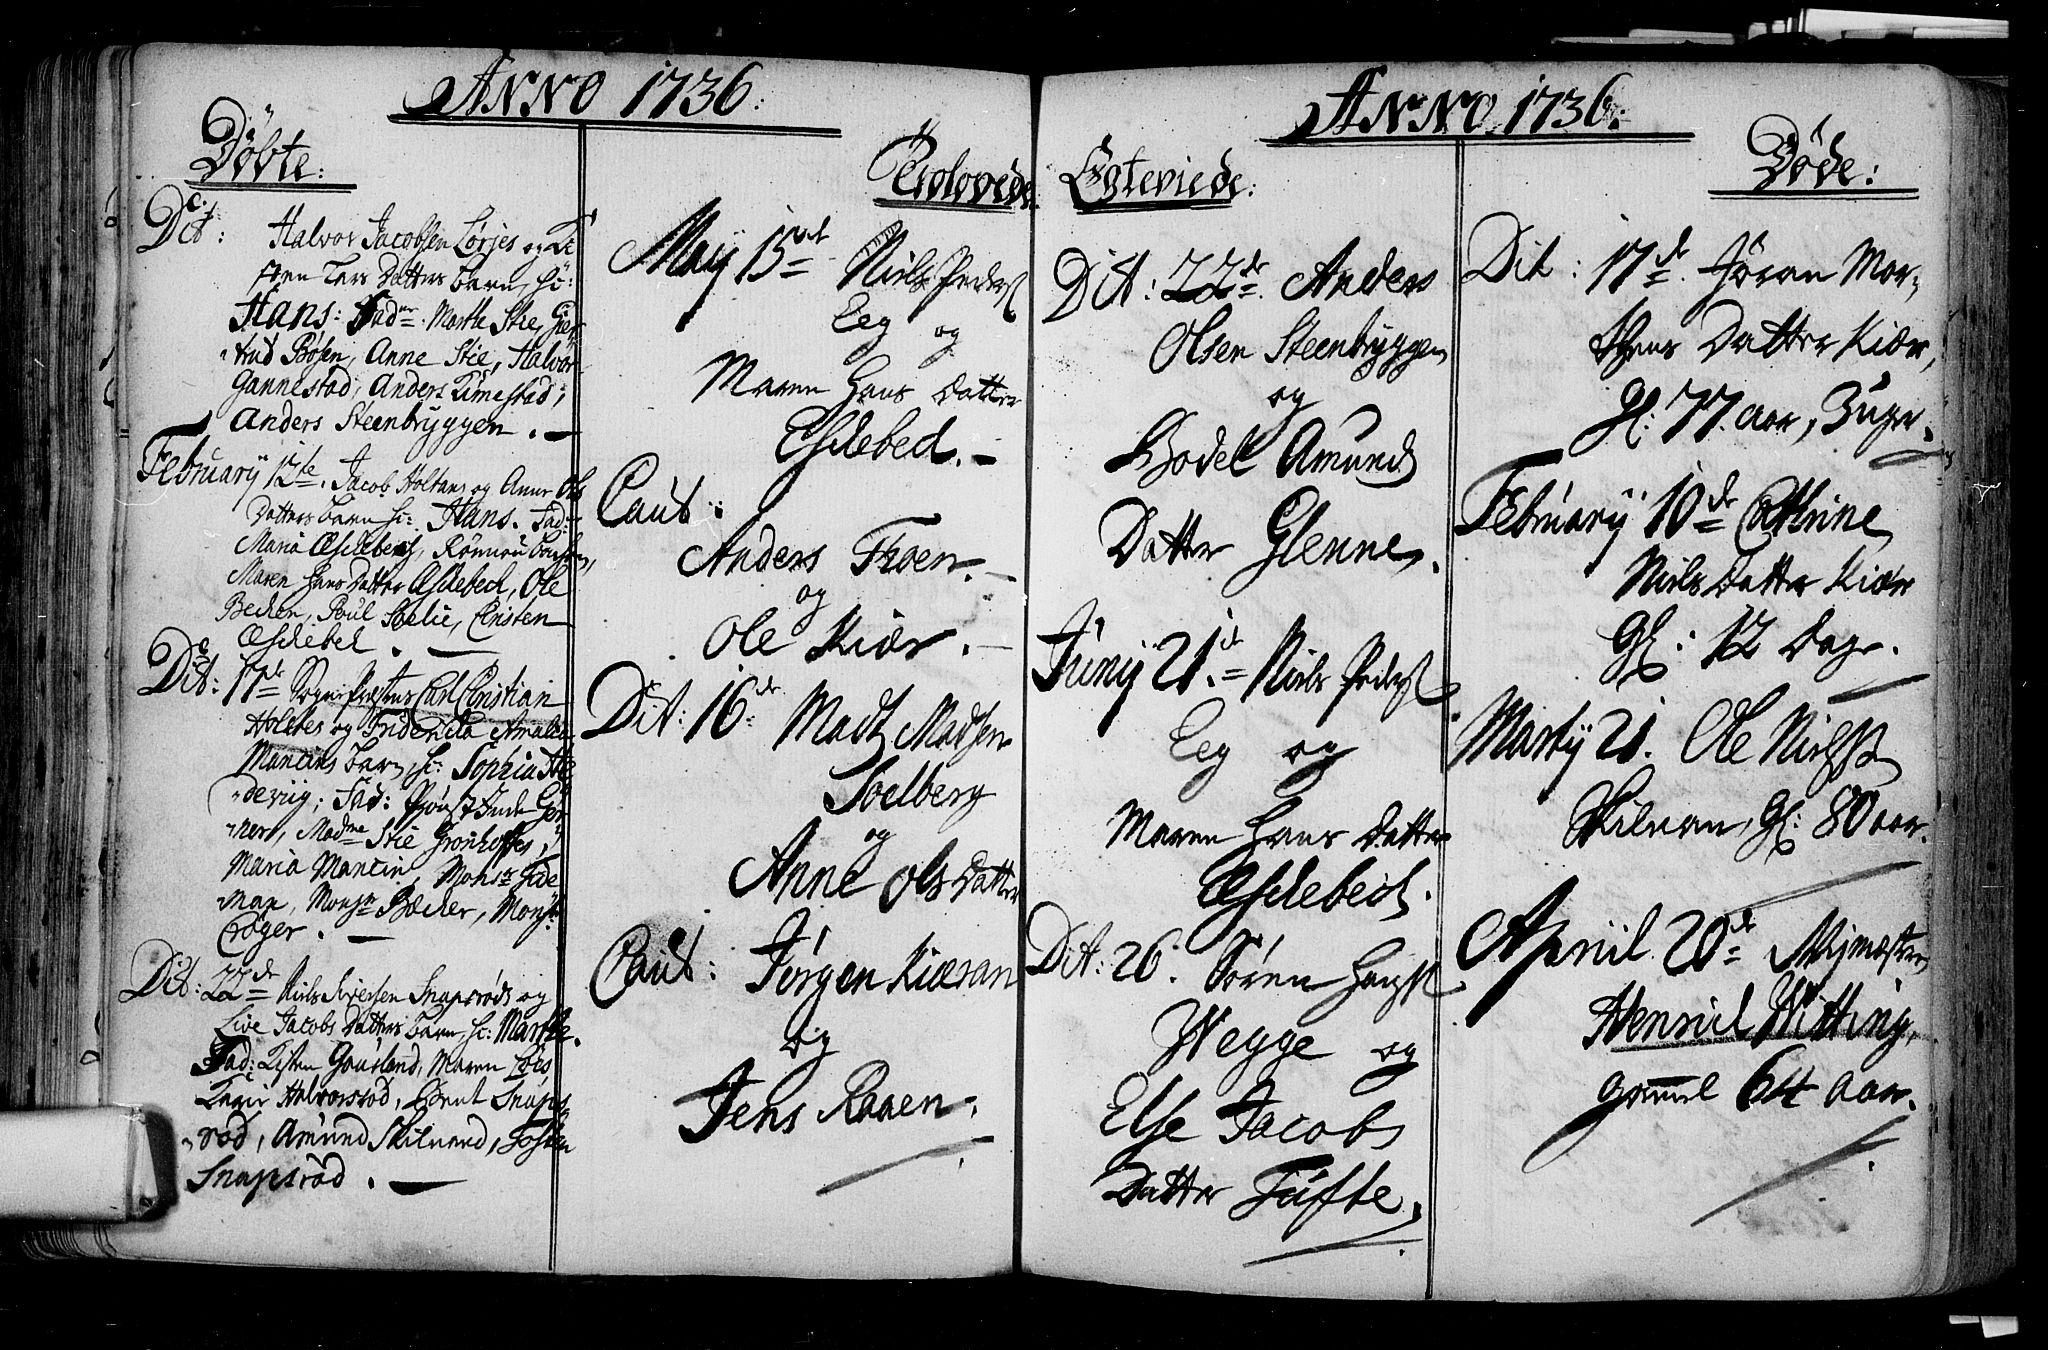 SAKO, Borre kirkebøker, F/Fa/L0001: Ministerialbok nr. I 1, 1710-1750, s. 79